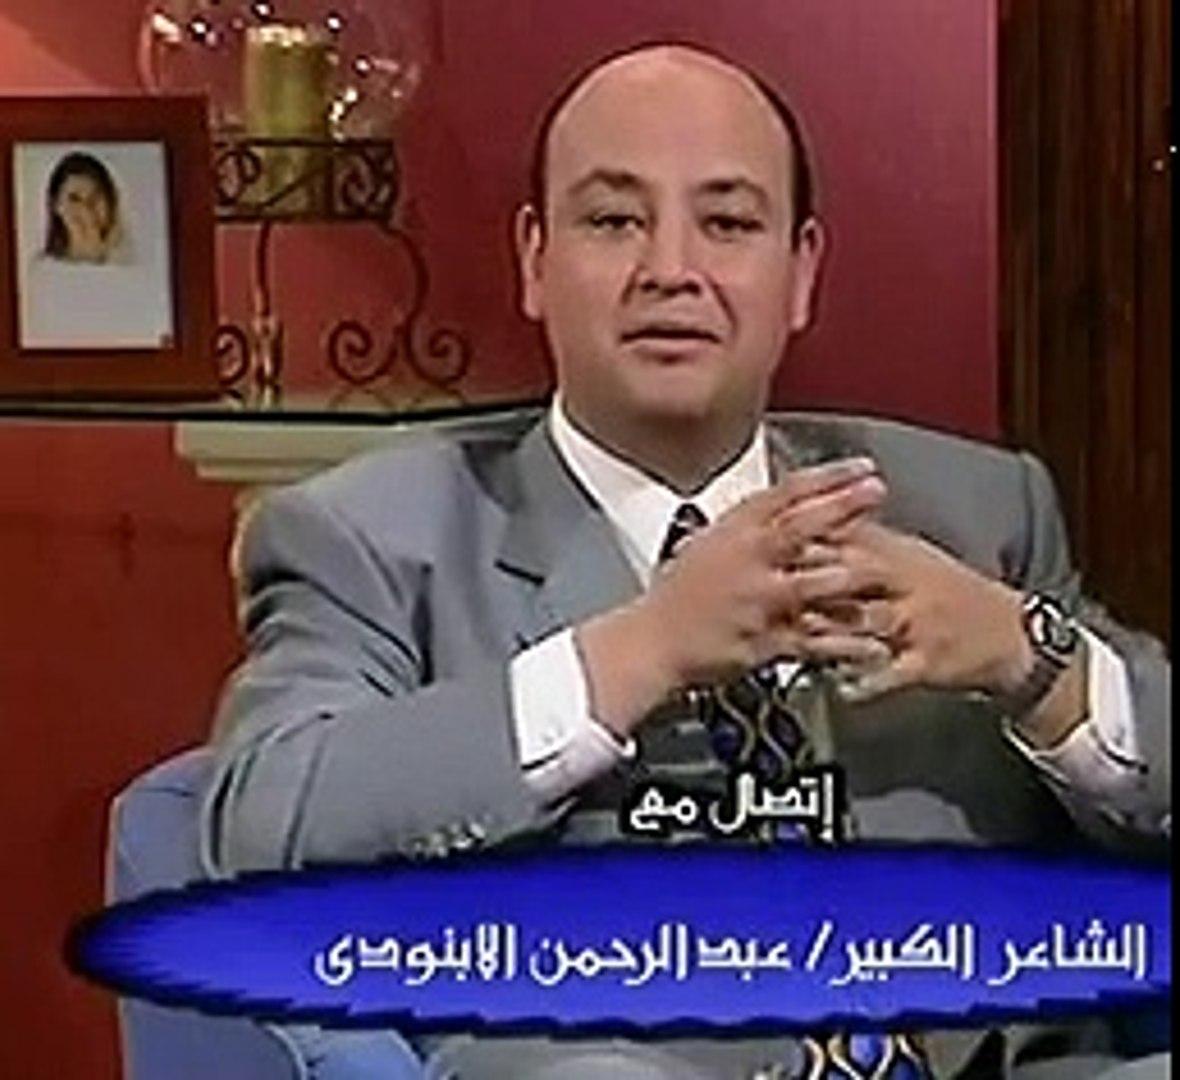 ماجدة الرومي - القاهرة اليوم